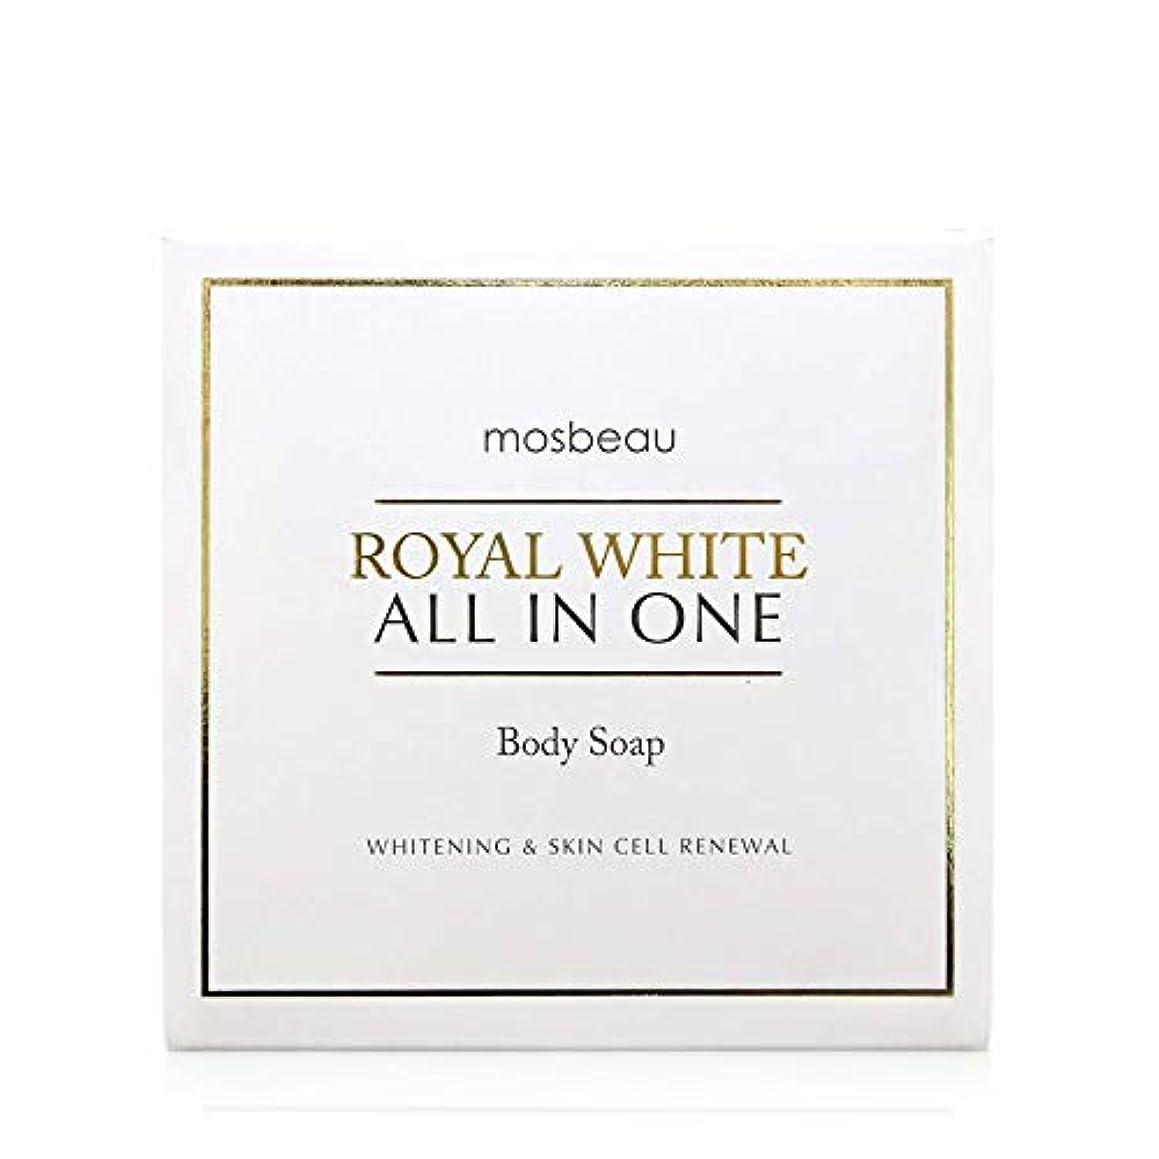 散歩に行く肥料考えmosbeau ROYAL WHITE ALL-IN-ONE BODY SOAP 100g ロィヤルホワイトオールインワンボディーソープ